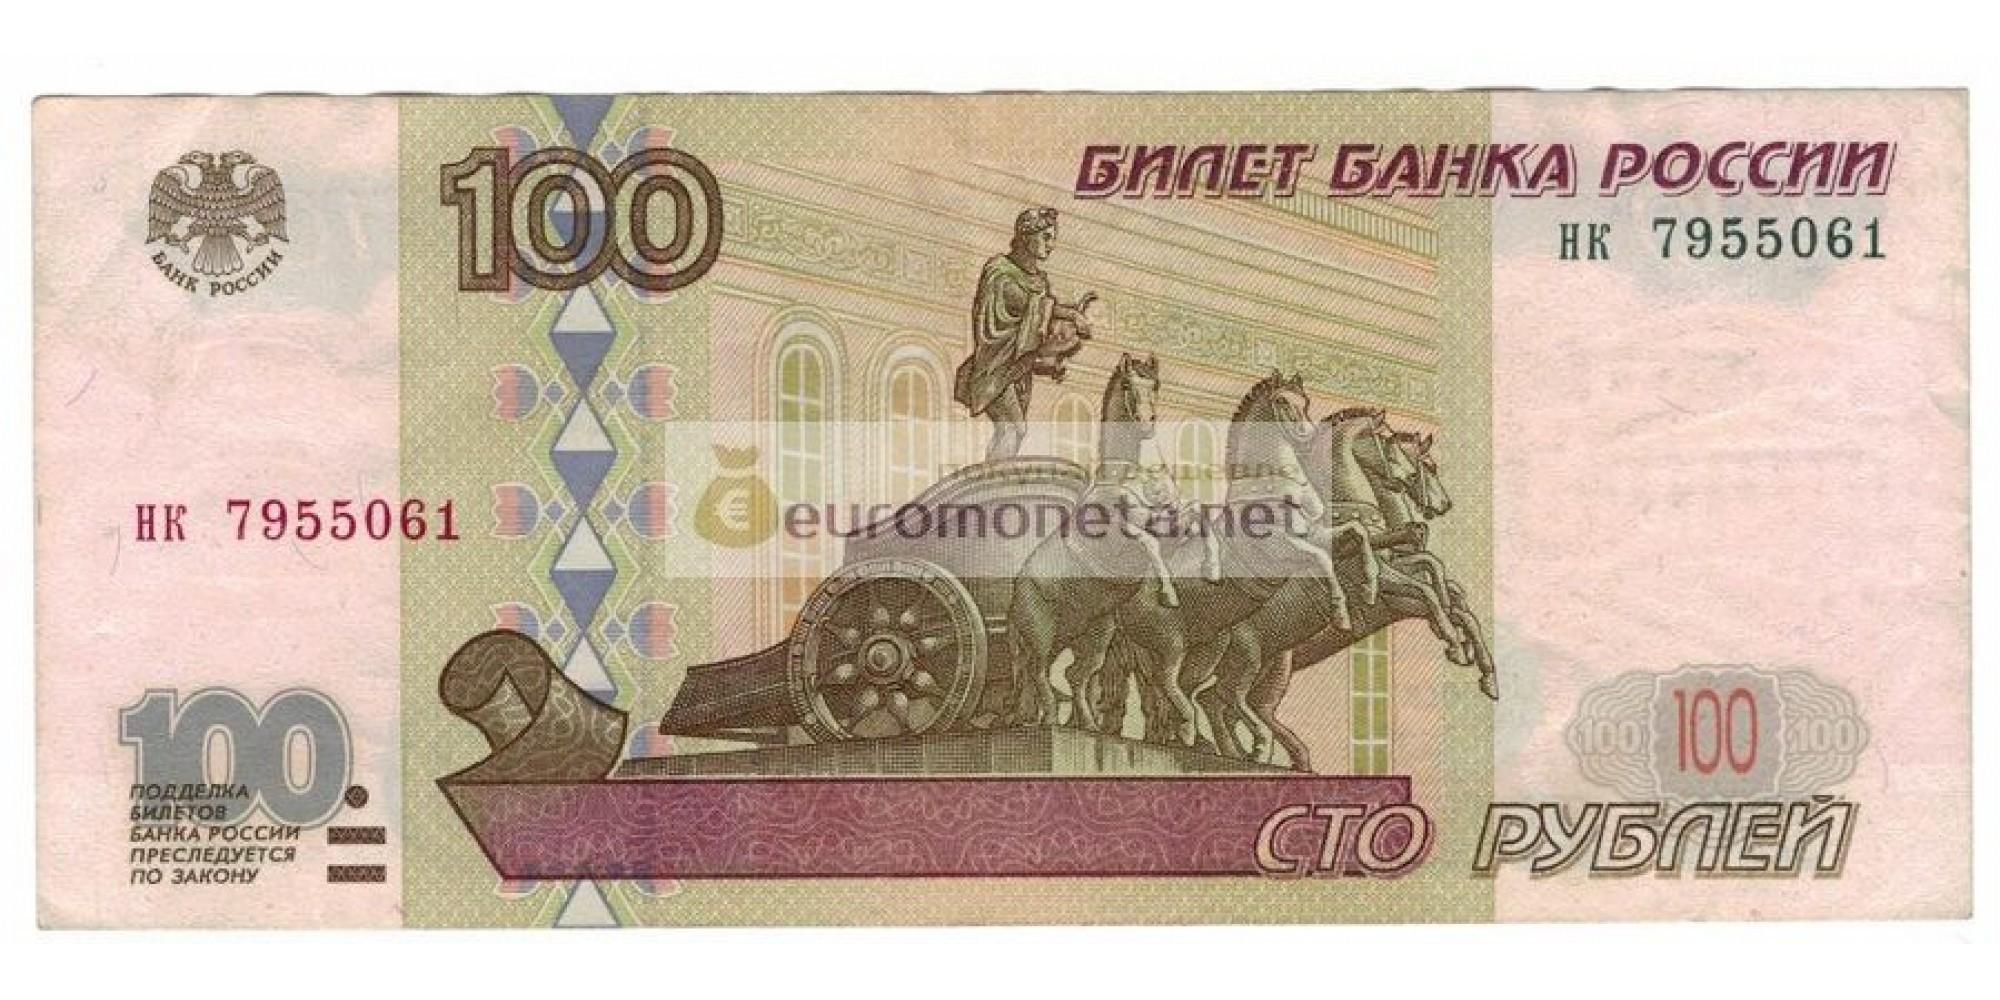 Россия 100 рублей 1997 год без модификации серия нк 7955061